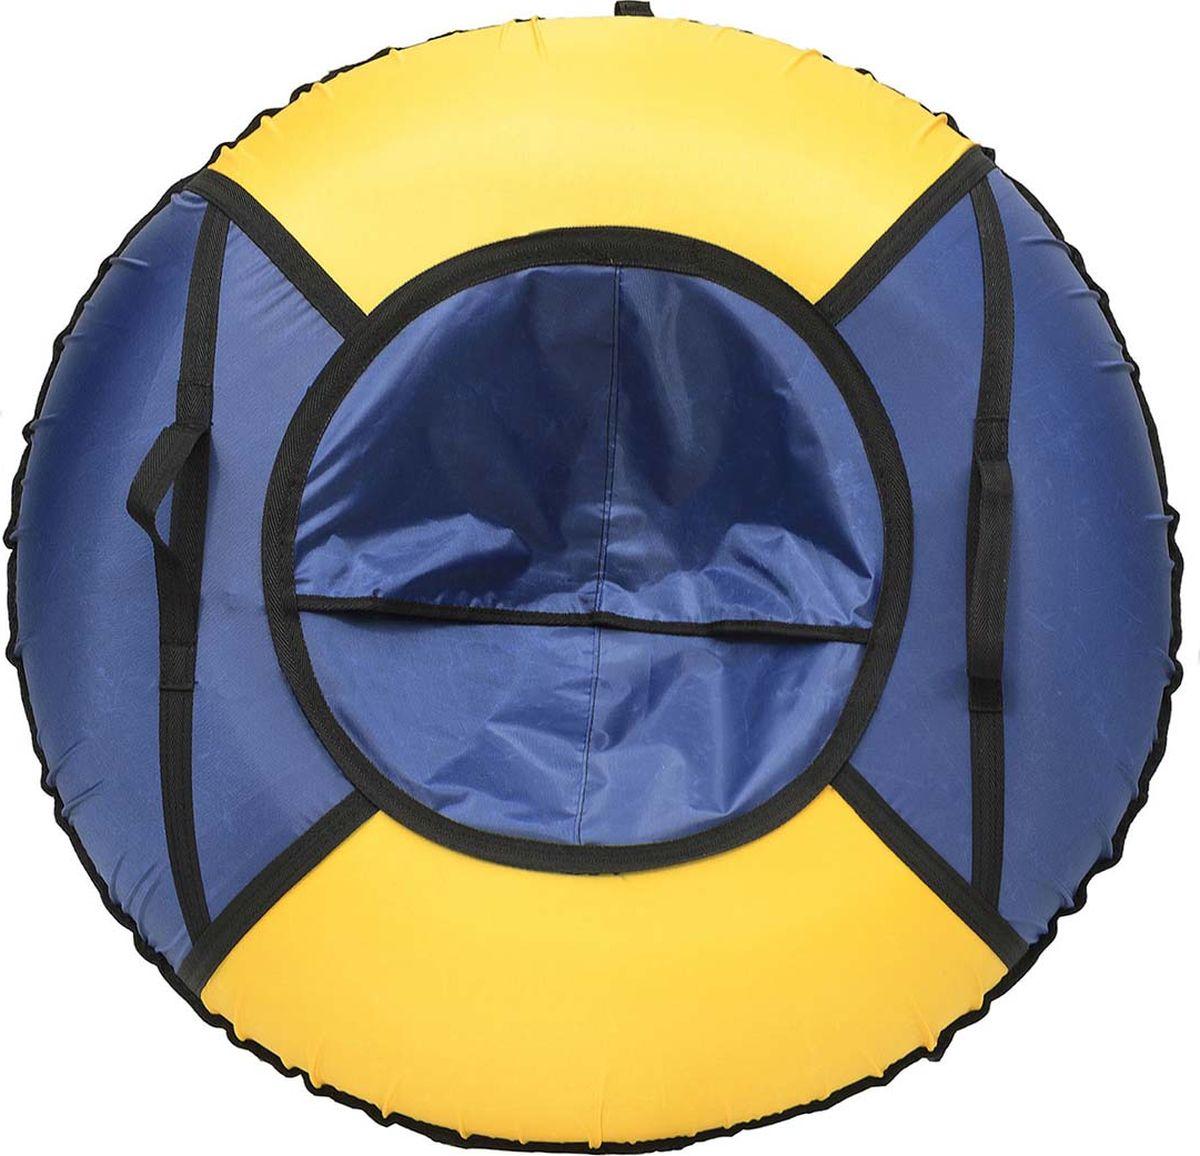 Тюбинг Эх, Прокачу! Эконом-4, цвет: синий, желтый, 100 смСЭ100-4-2Качественные бюджетные санки-ватрушки для катания по снегу из 4 секций * размеры указаны в надутом состоянии * дно изготовлено из ткани ПВХ 630г/м2 * верх изготовлен из ткани Oxford 420гр/м2 * камера российского производства * буксировочный ремень * морозоустойчивость -45 * допускается деформация формы санок из-за неравномерности надутия камеры